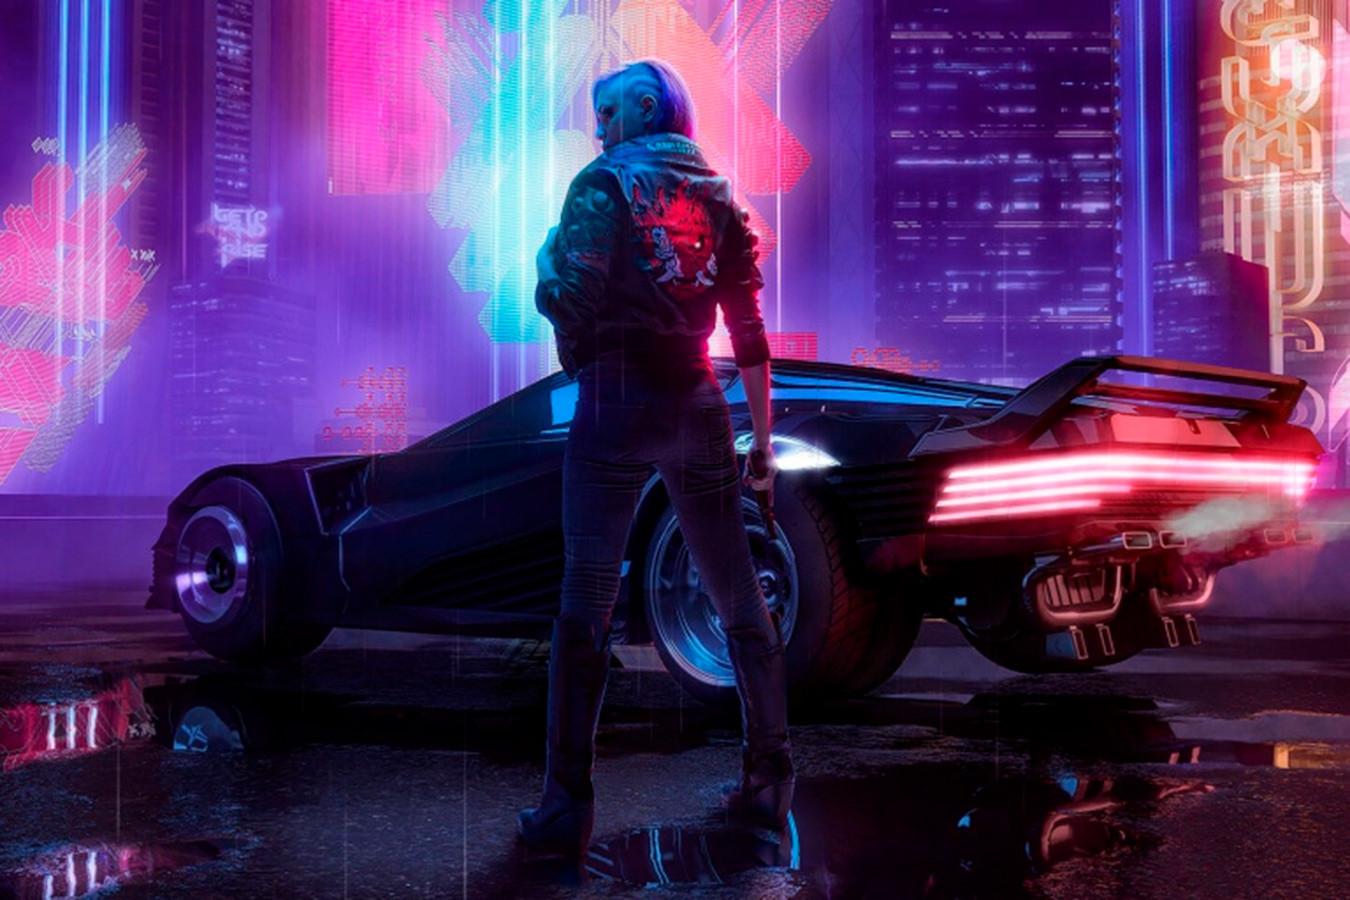 Пиратская версия Cyberpunk 2077 может уже скоро появиться на торрентах -  Чемпионат